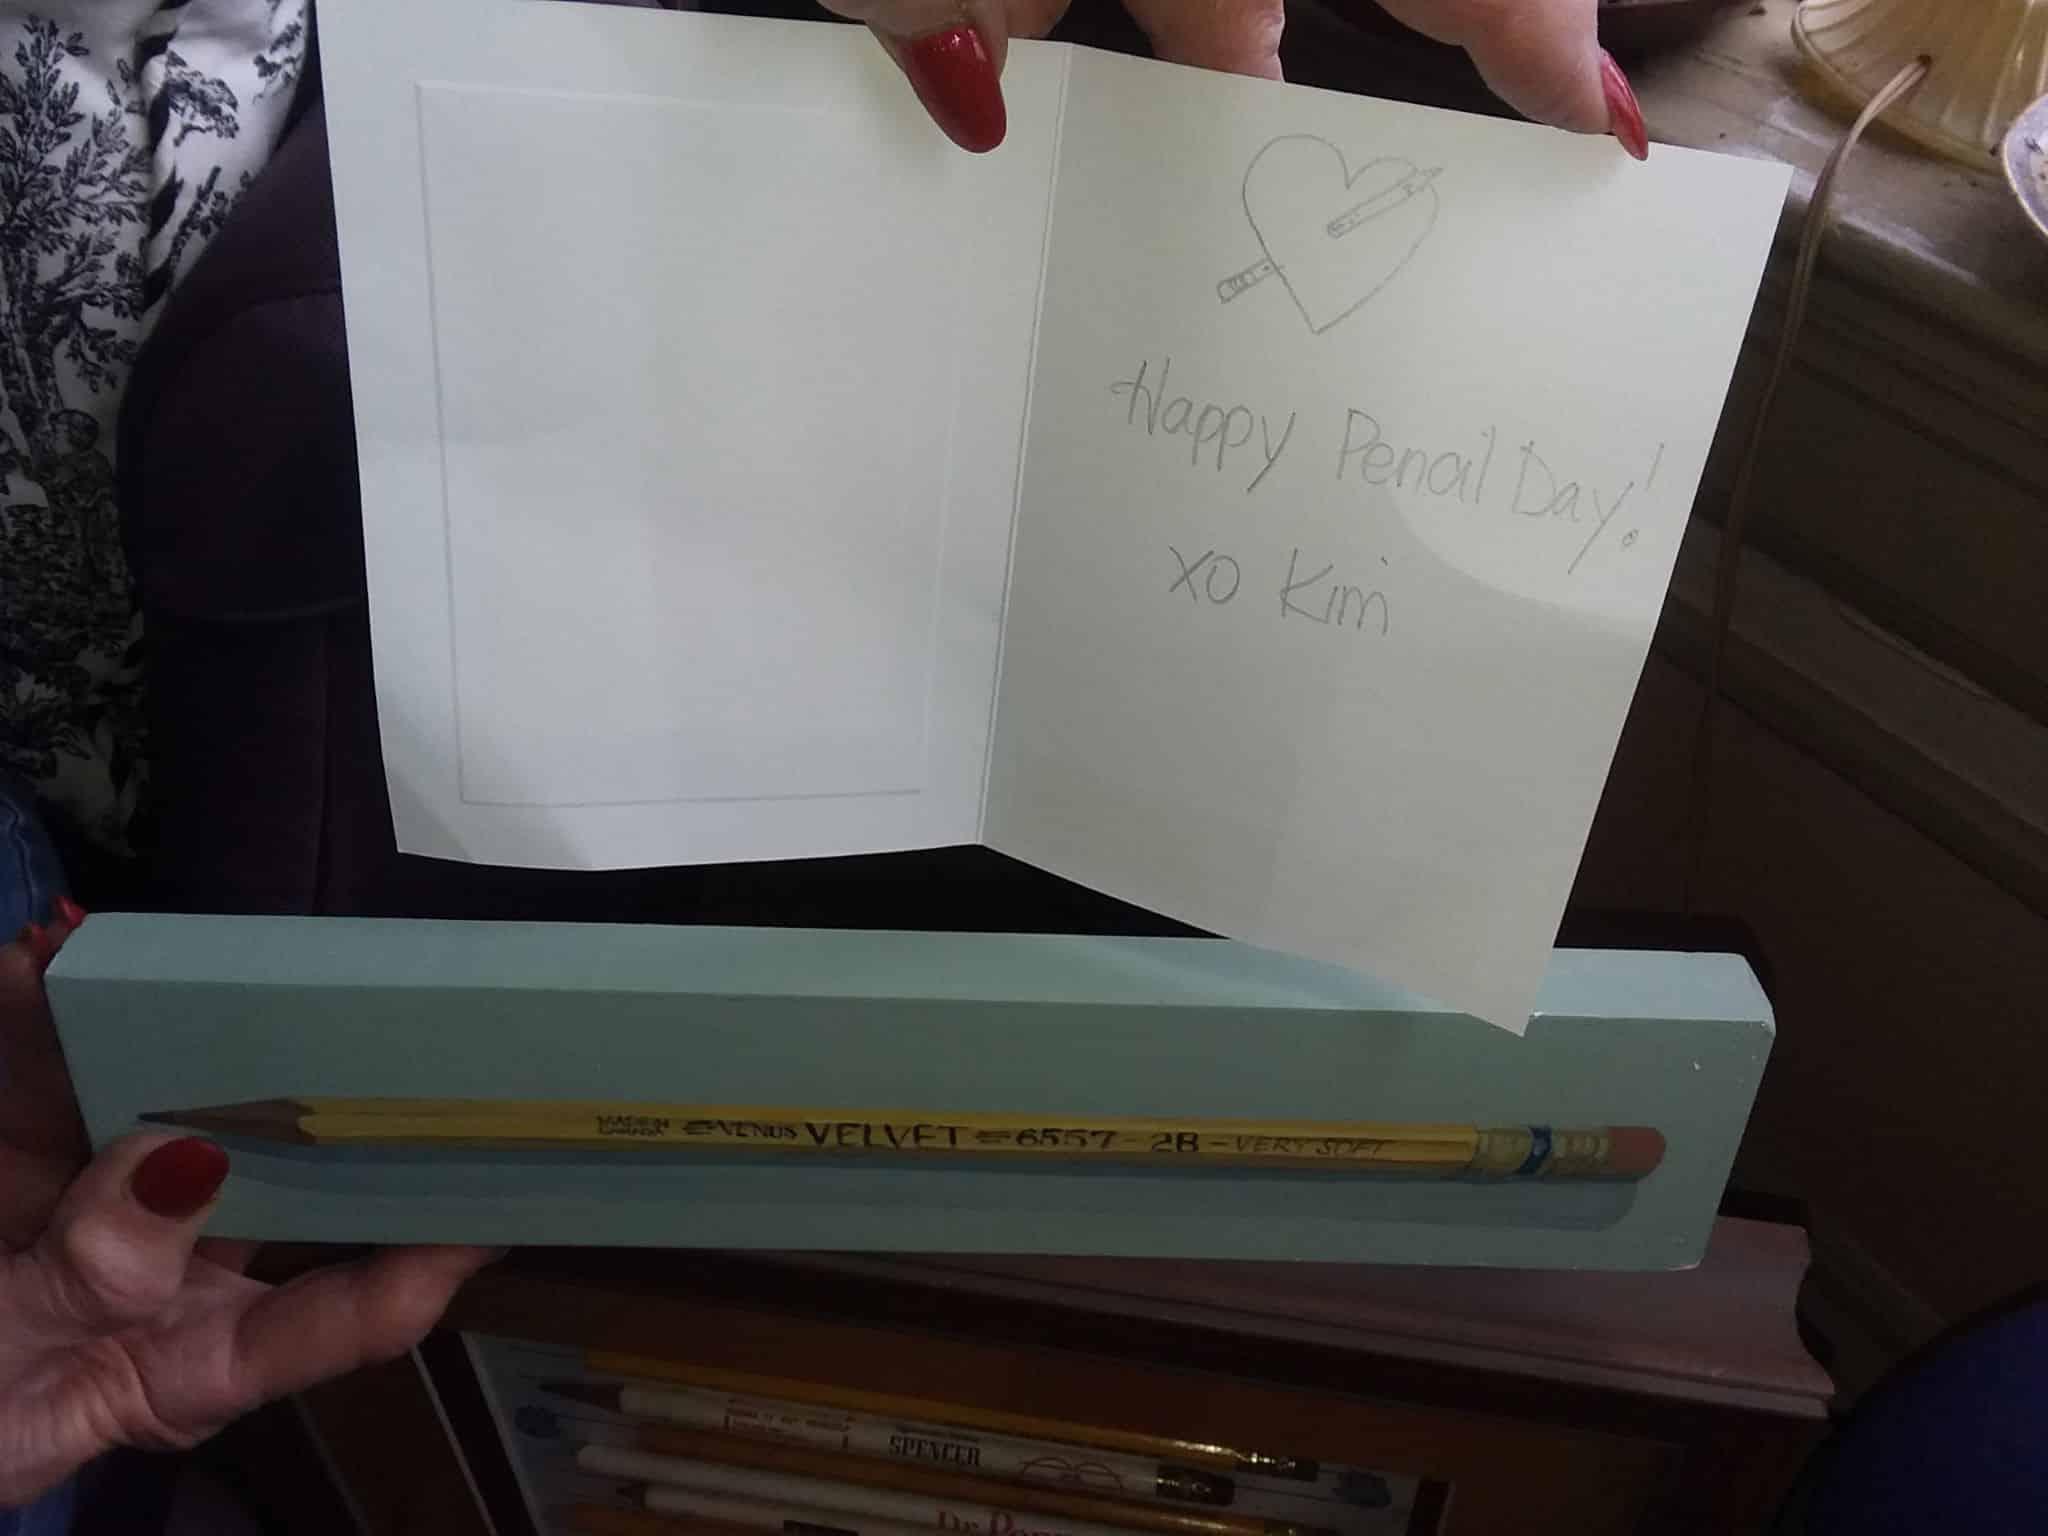 Pencil felicitations